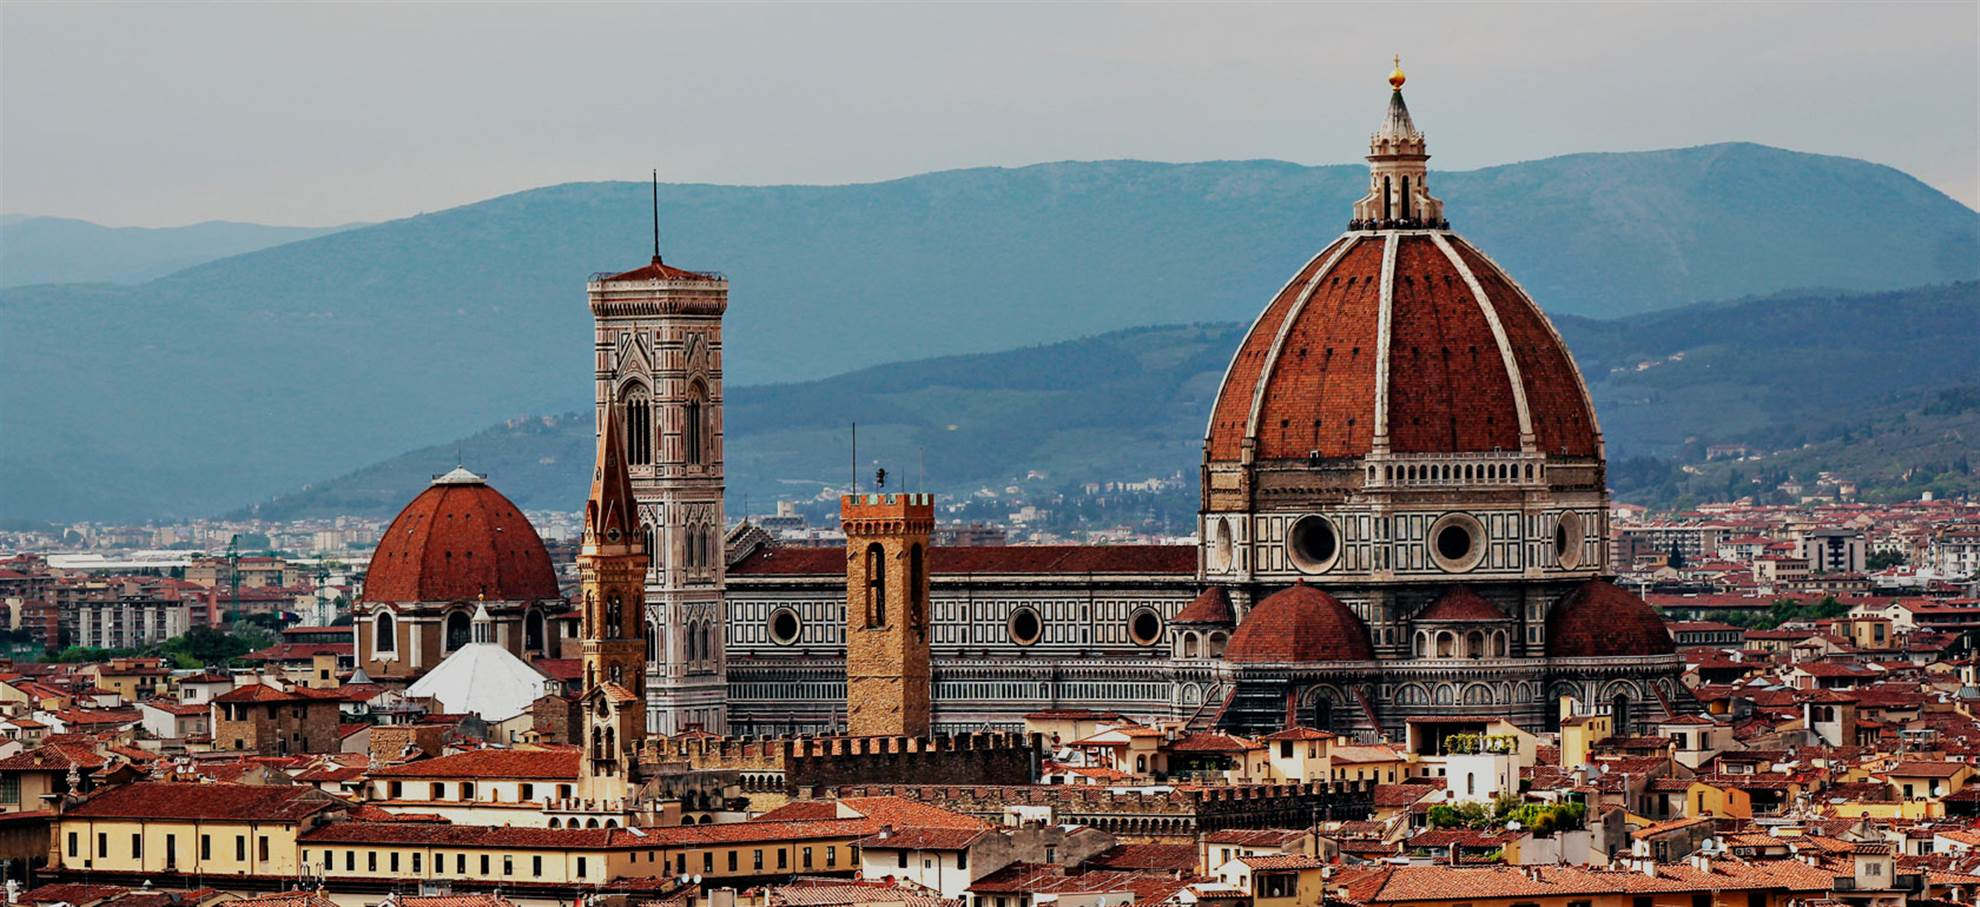 Galería Uffizi  - Entrada preferente